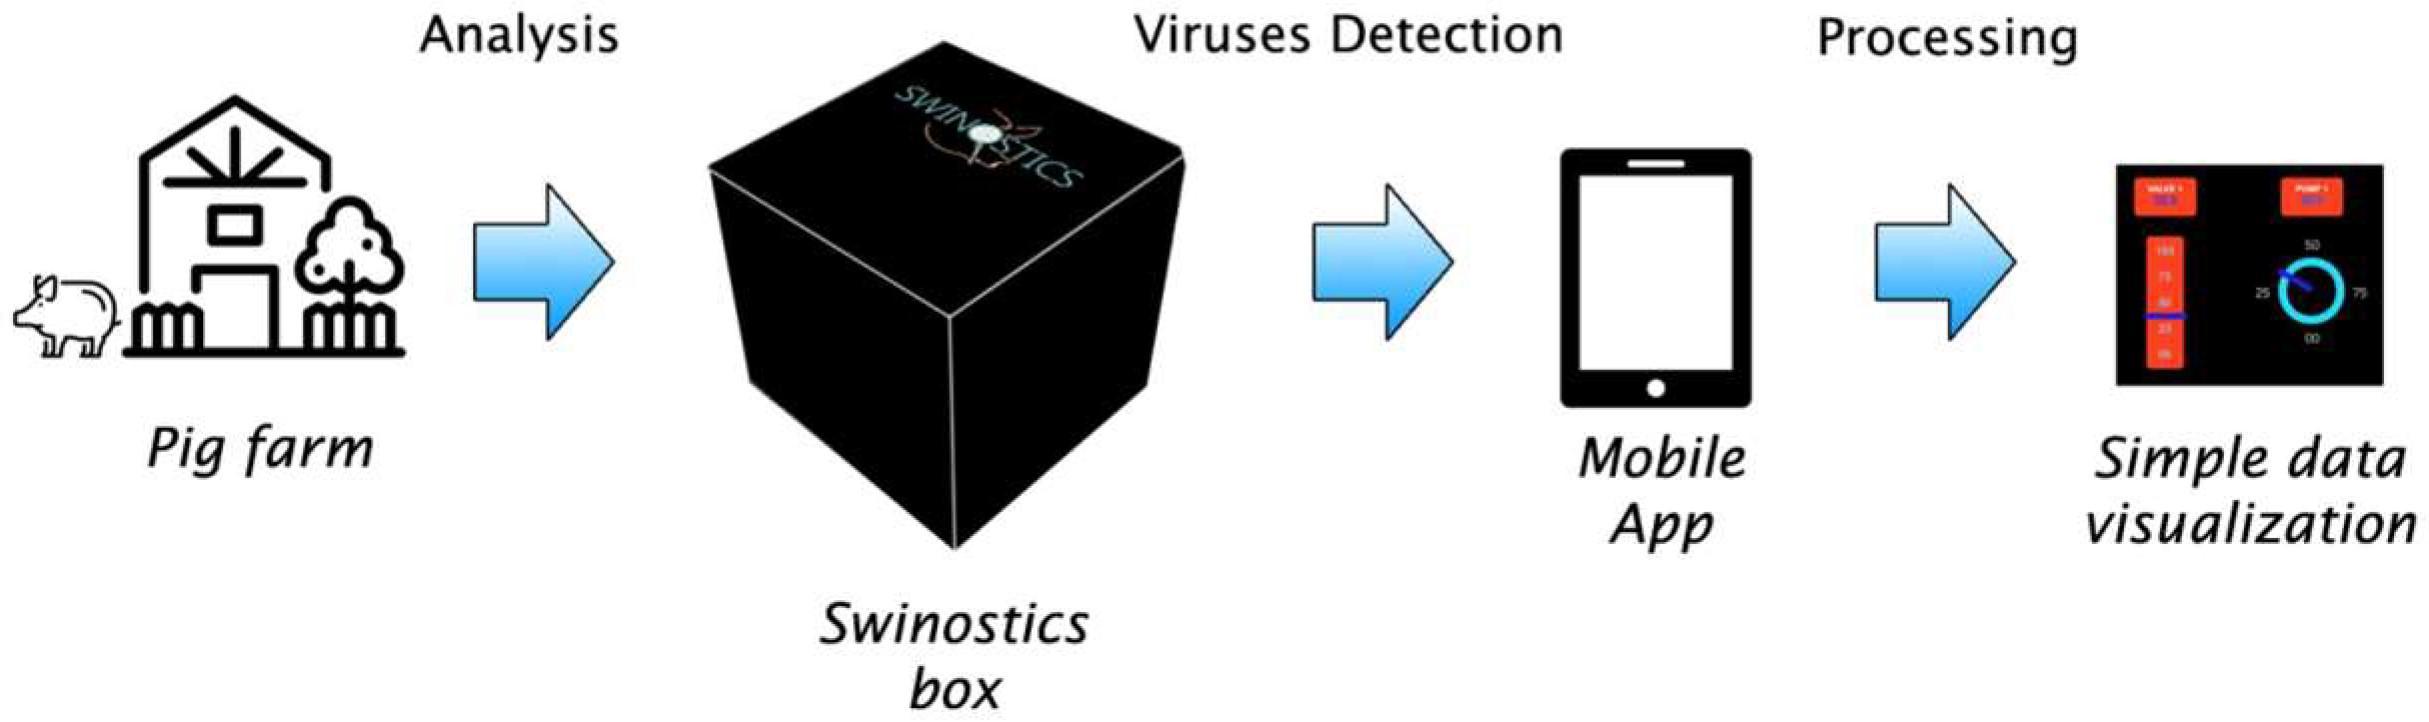 Вирусные инфекции свиней стало проще обнаружить